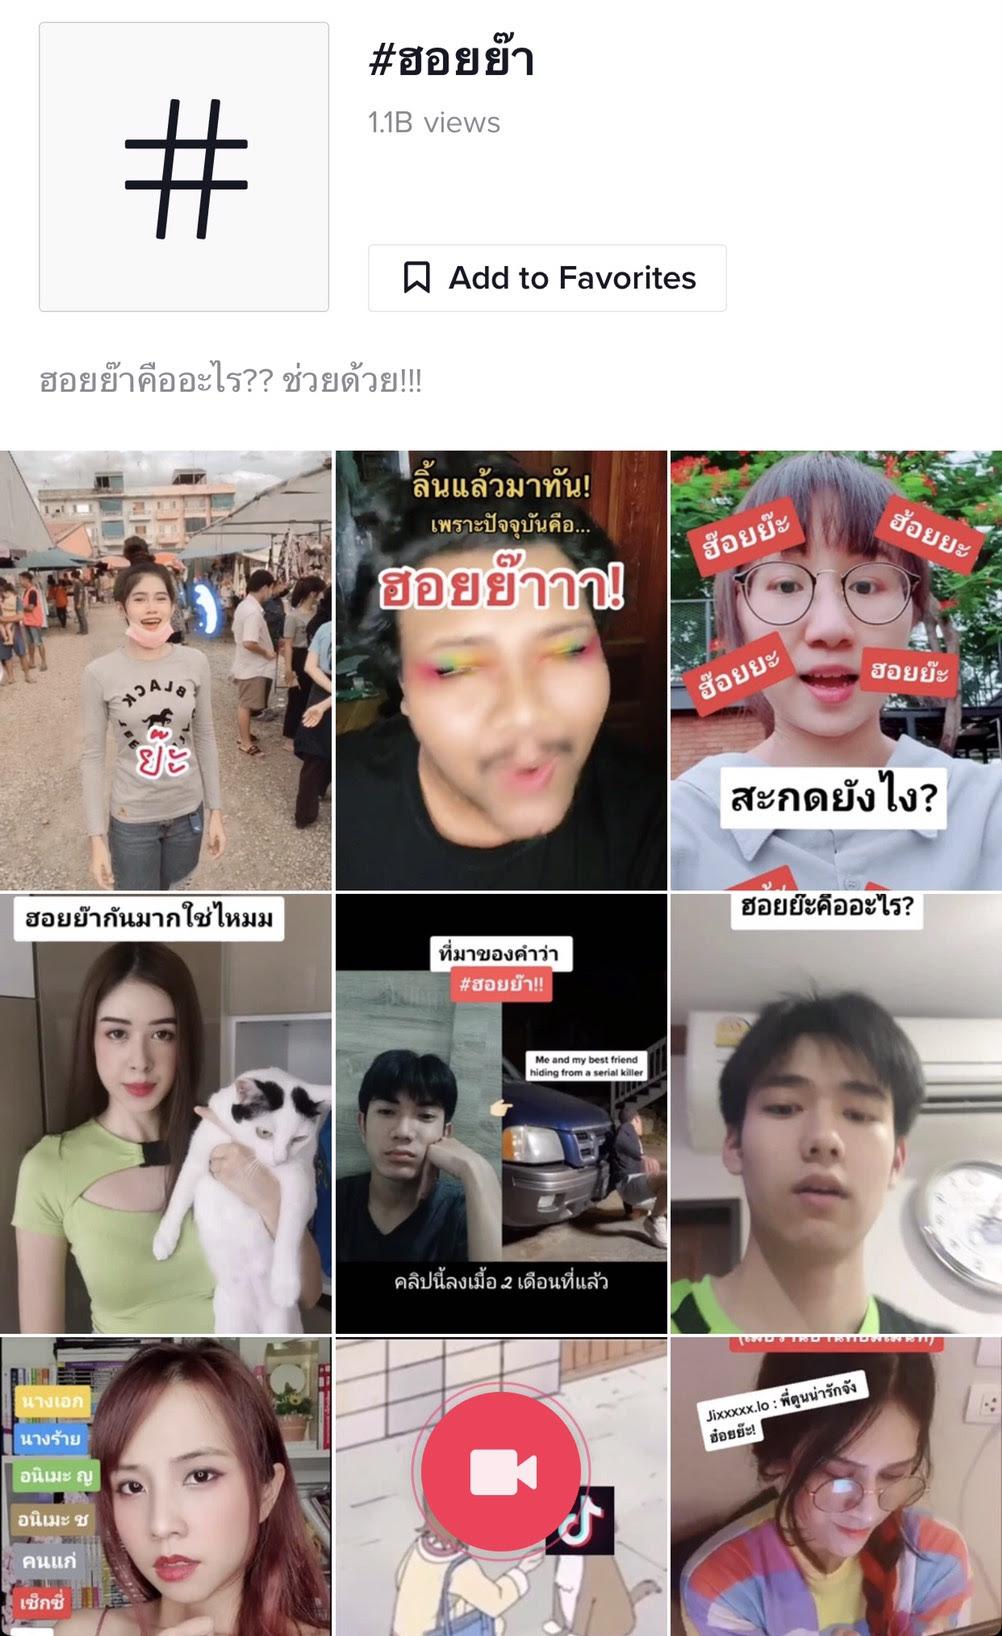 อัพเดท Trends Hot Challenge Hit ของ TikTok ประเทศไทยในเดือนสิงหาคม 2020 มาดูกันว่าคลิปไหนมาแรง Creator คนไหนกำลังดัง นักการตลาด Gen Z ต้องรู้